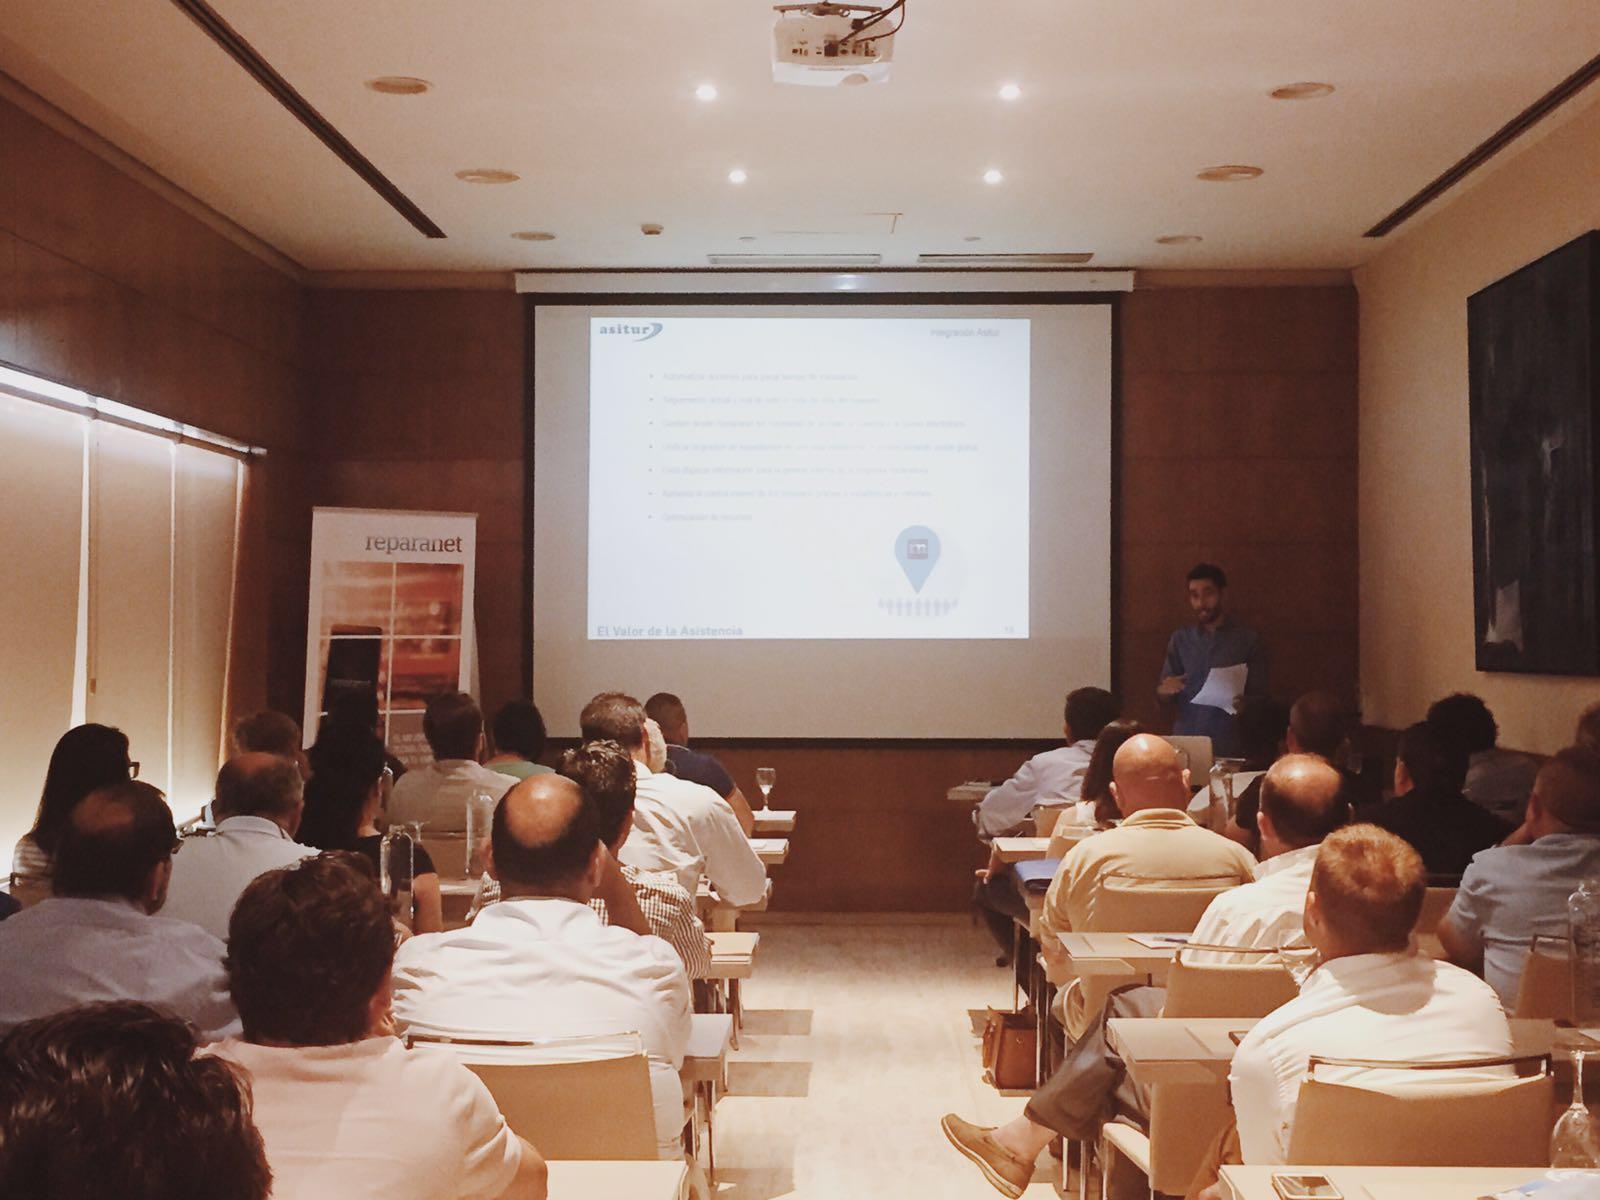 Asitur presenta Reparanet a sus proveedores como solución de tramitación online